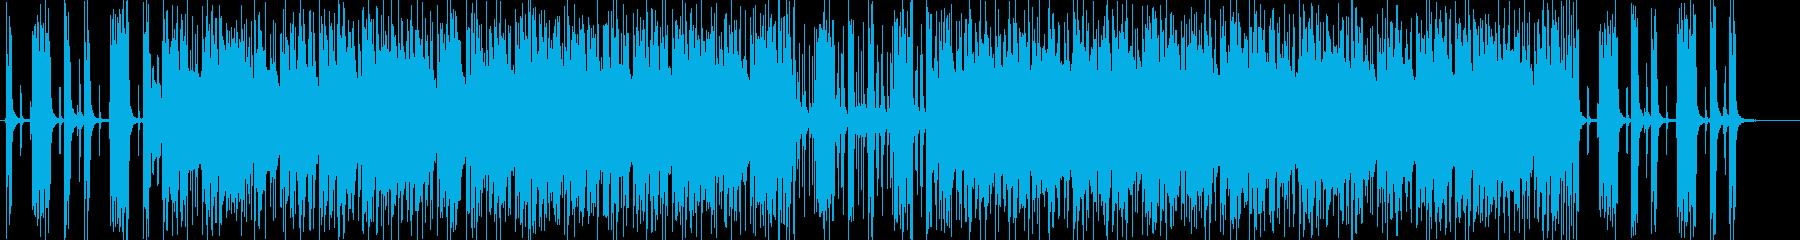 軽やかなギターポップサウンドの再生済みの波形